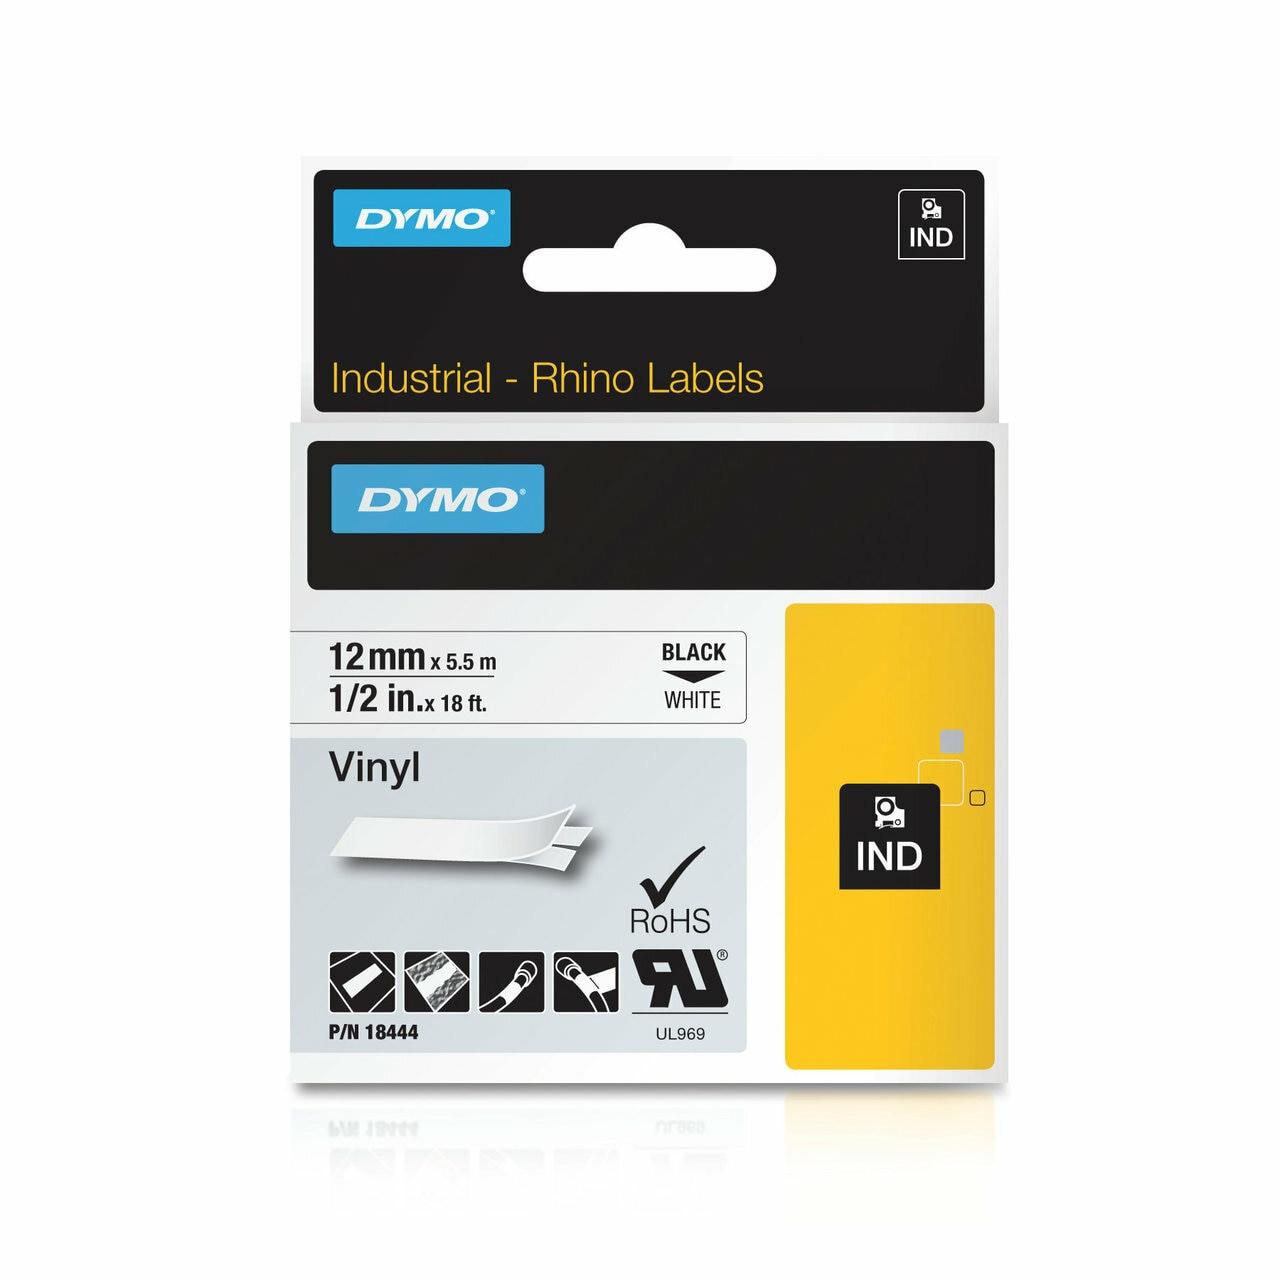 US STOCK 8PK Black on White Industrial Vinyl Label 18444 for Dymo Rhino 12mm